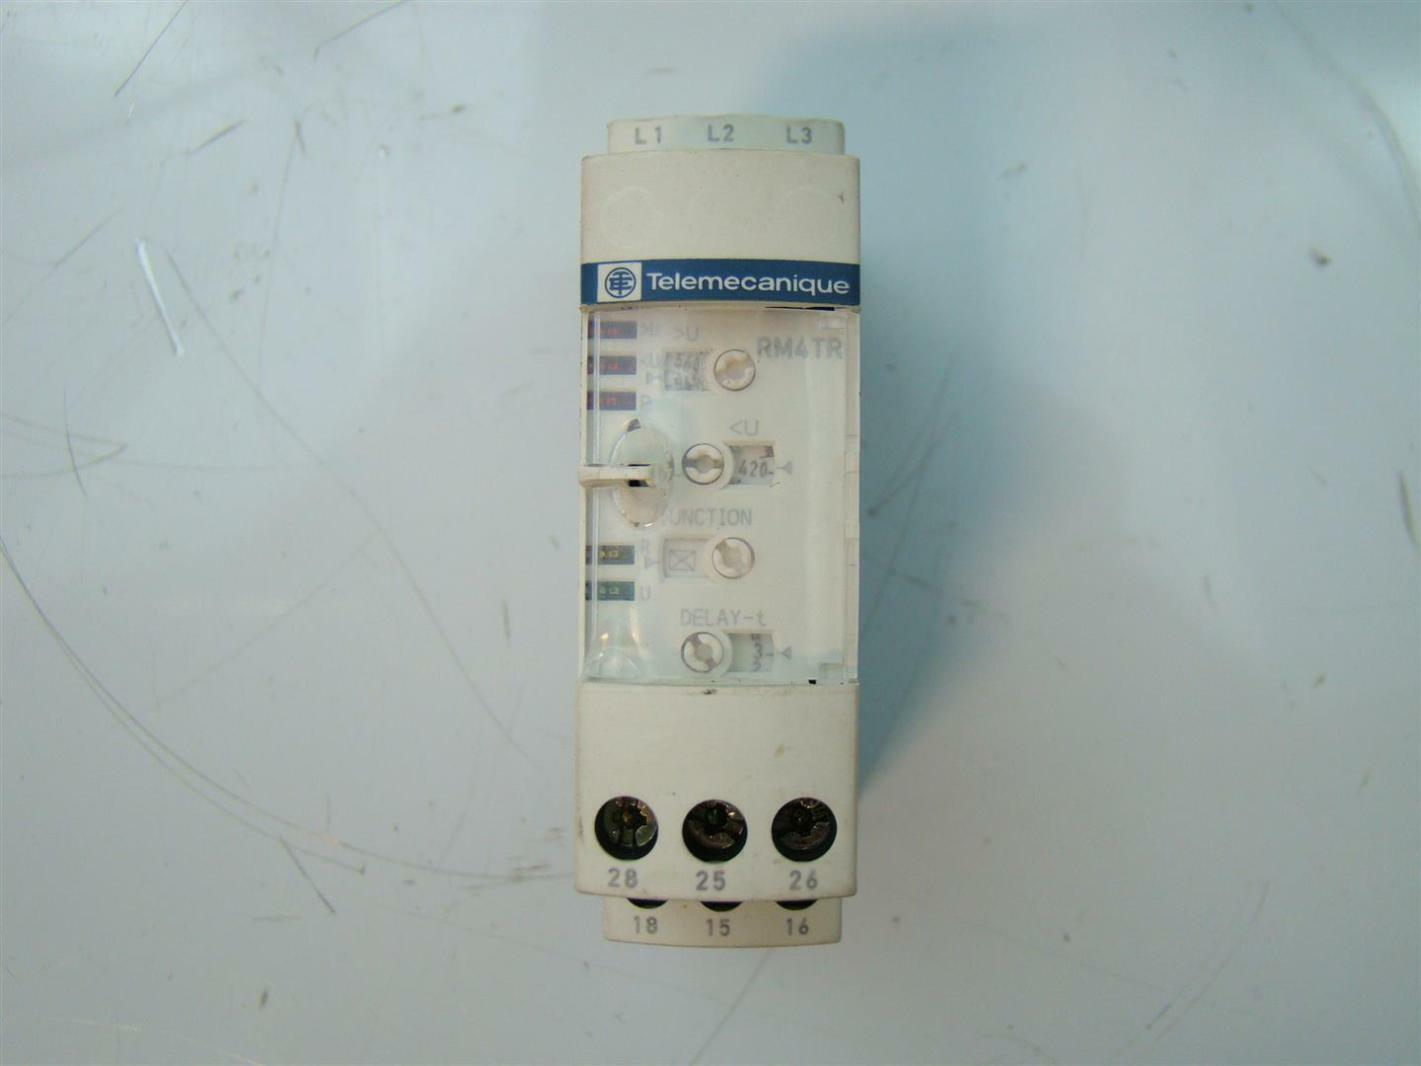 Telemecanique 8a 250v 50 60hz Rm4tr32 Ebay